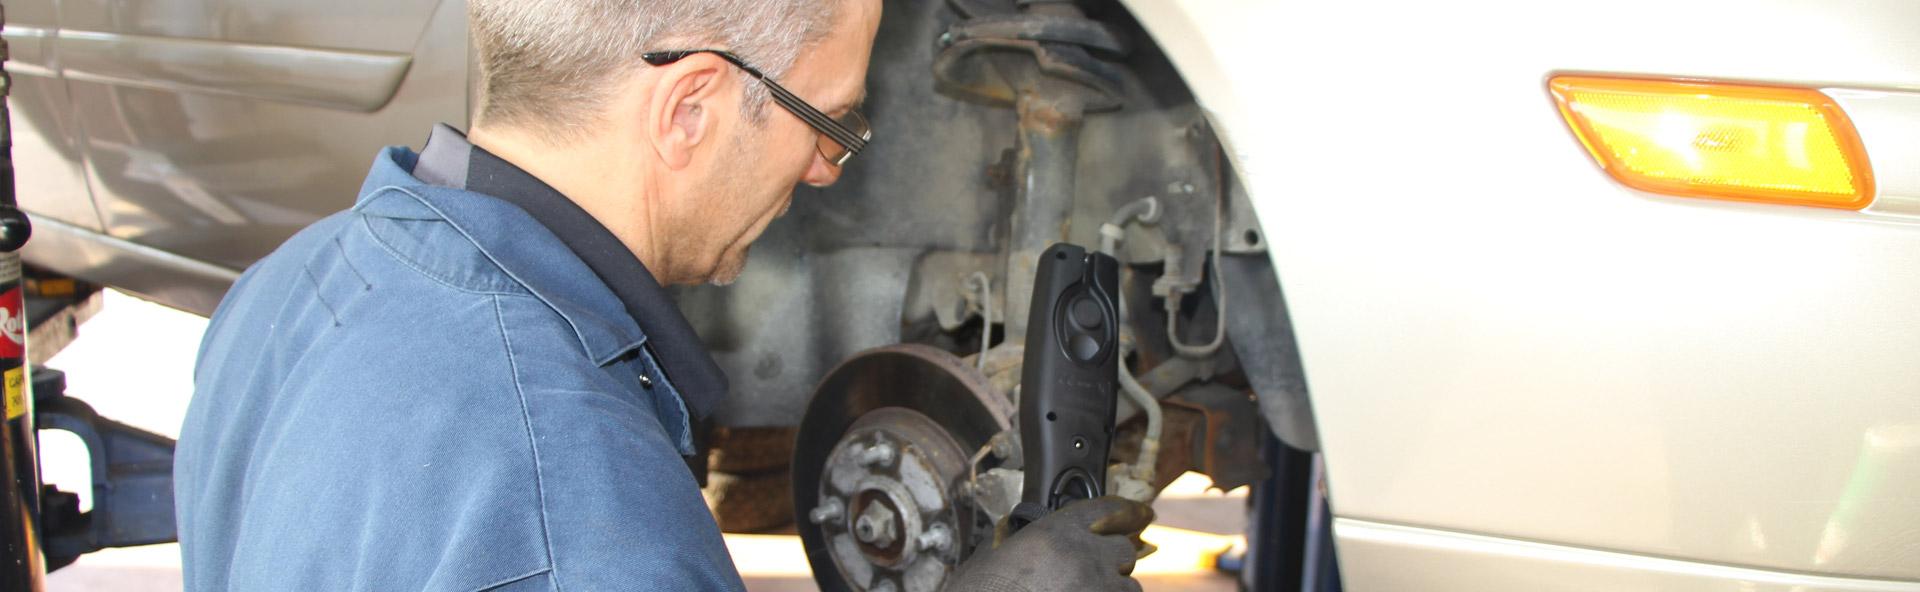 Freins et inspection